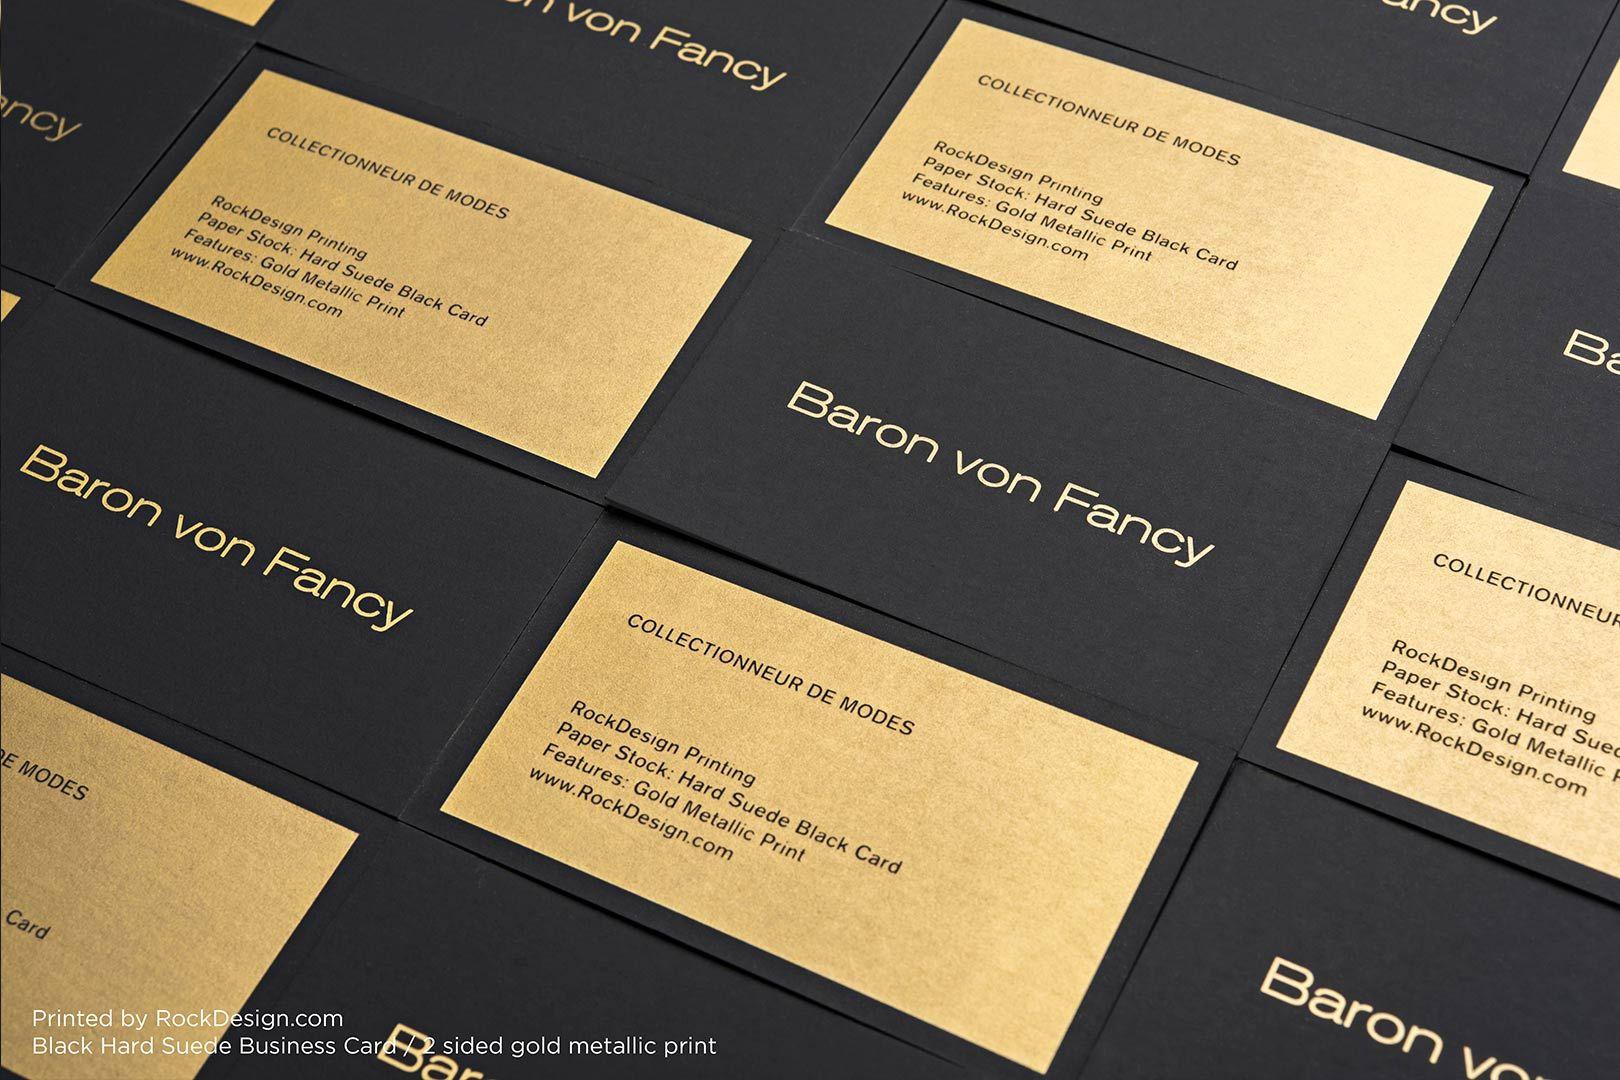 Design Und Drucken Visitenkarten Billig Sowie Design Und